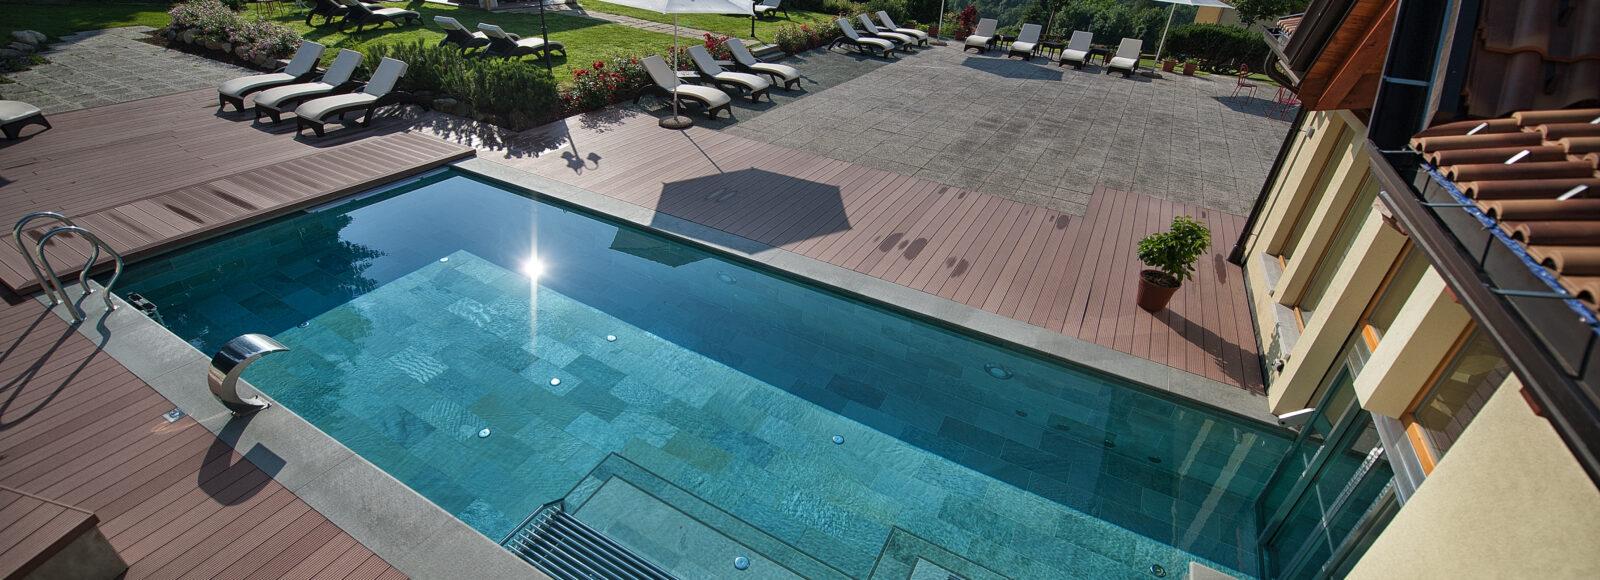 Hotel con piscina coperta piemonte casamia idea di immagine - Hotel folgaria con piscina ...